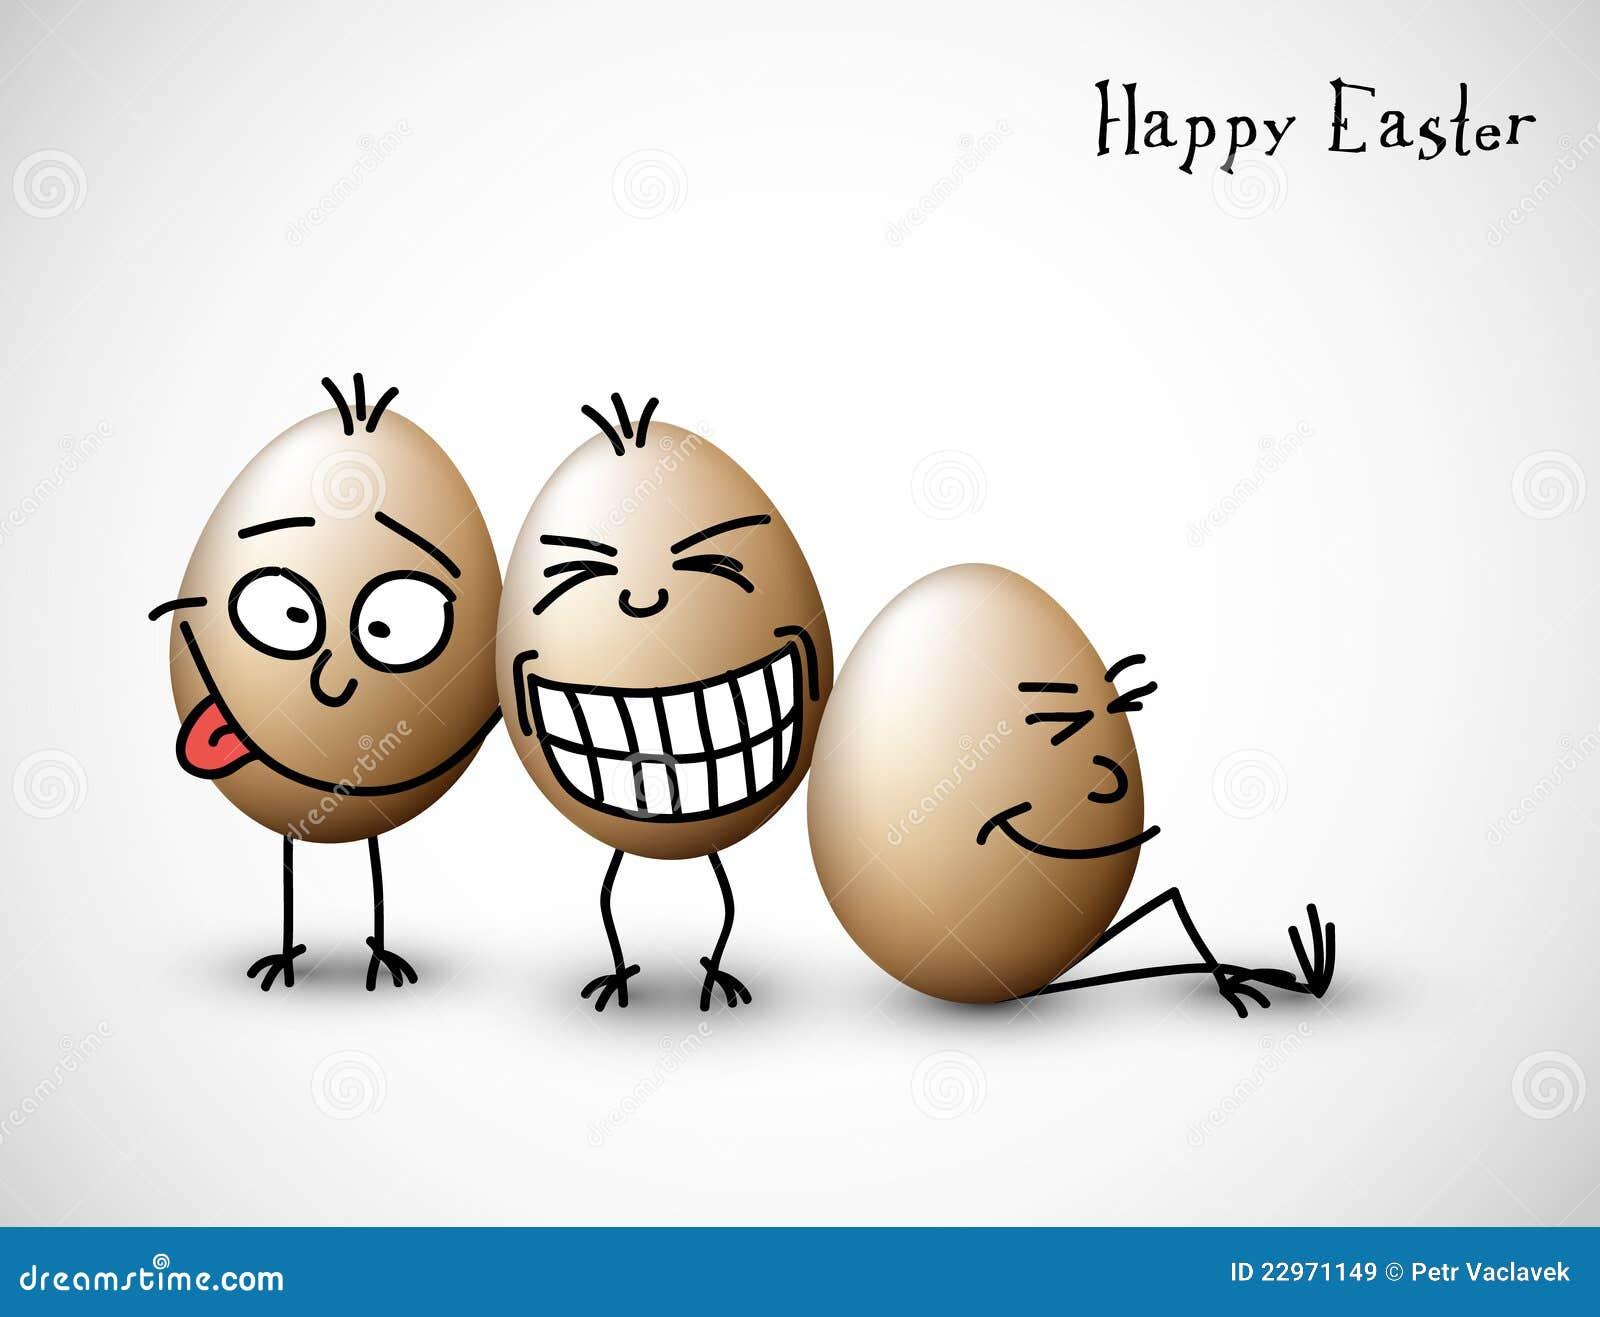 Vector drôle oeufs de Pâques  carte de Pâques Joyeux — Image vectorielle